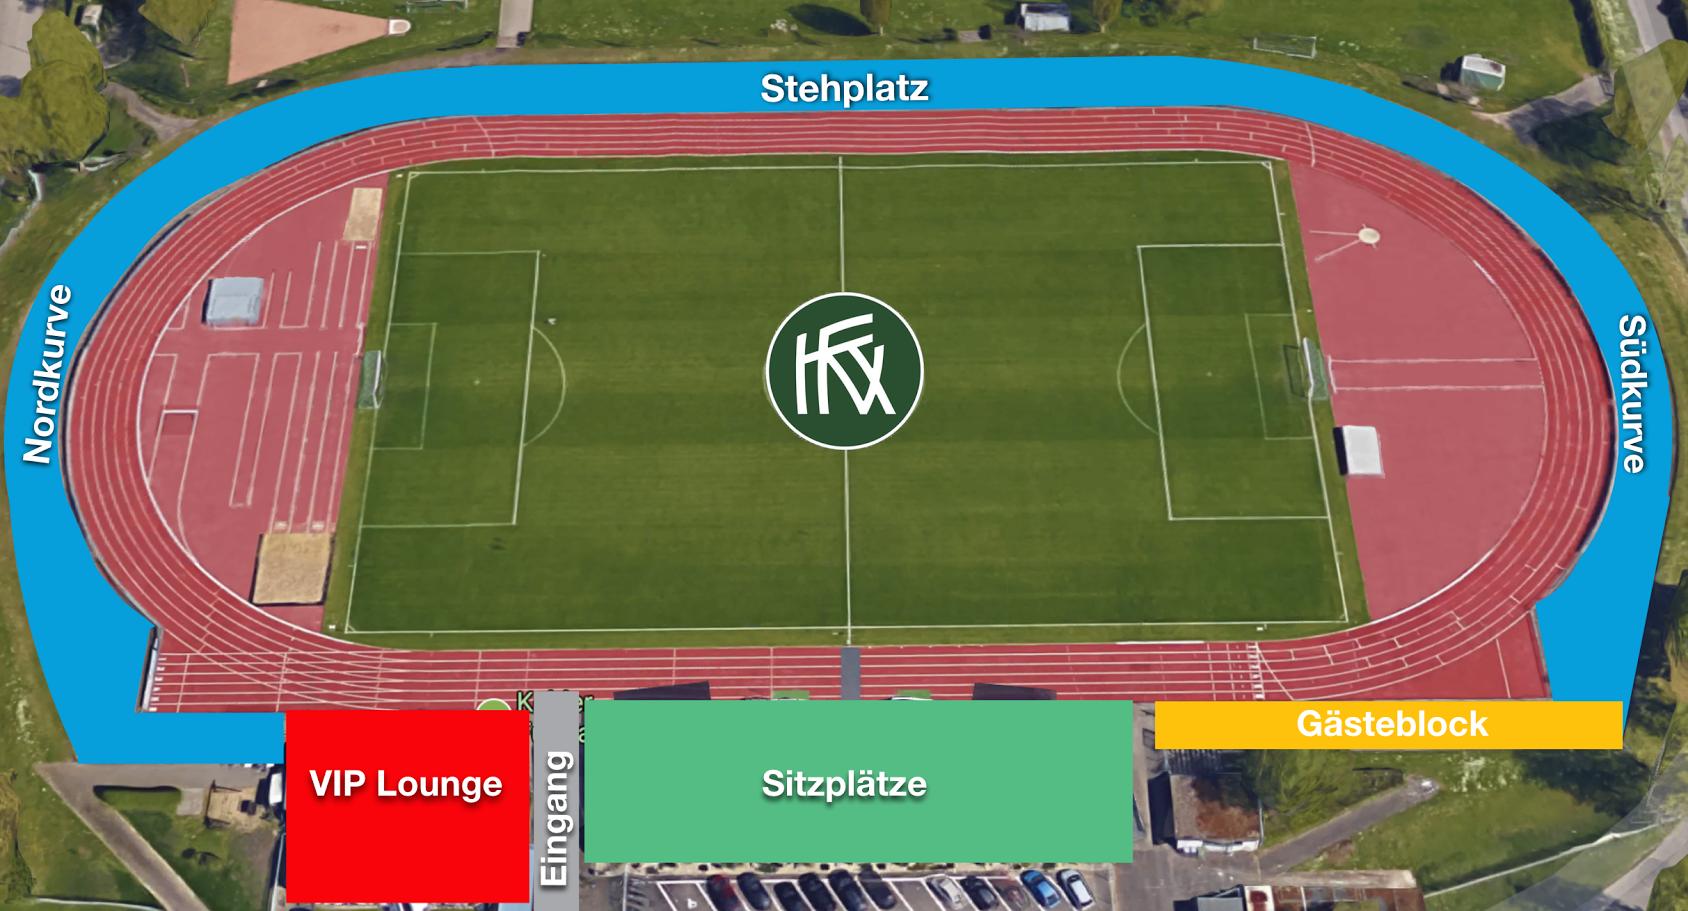 Stadion Kehl